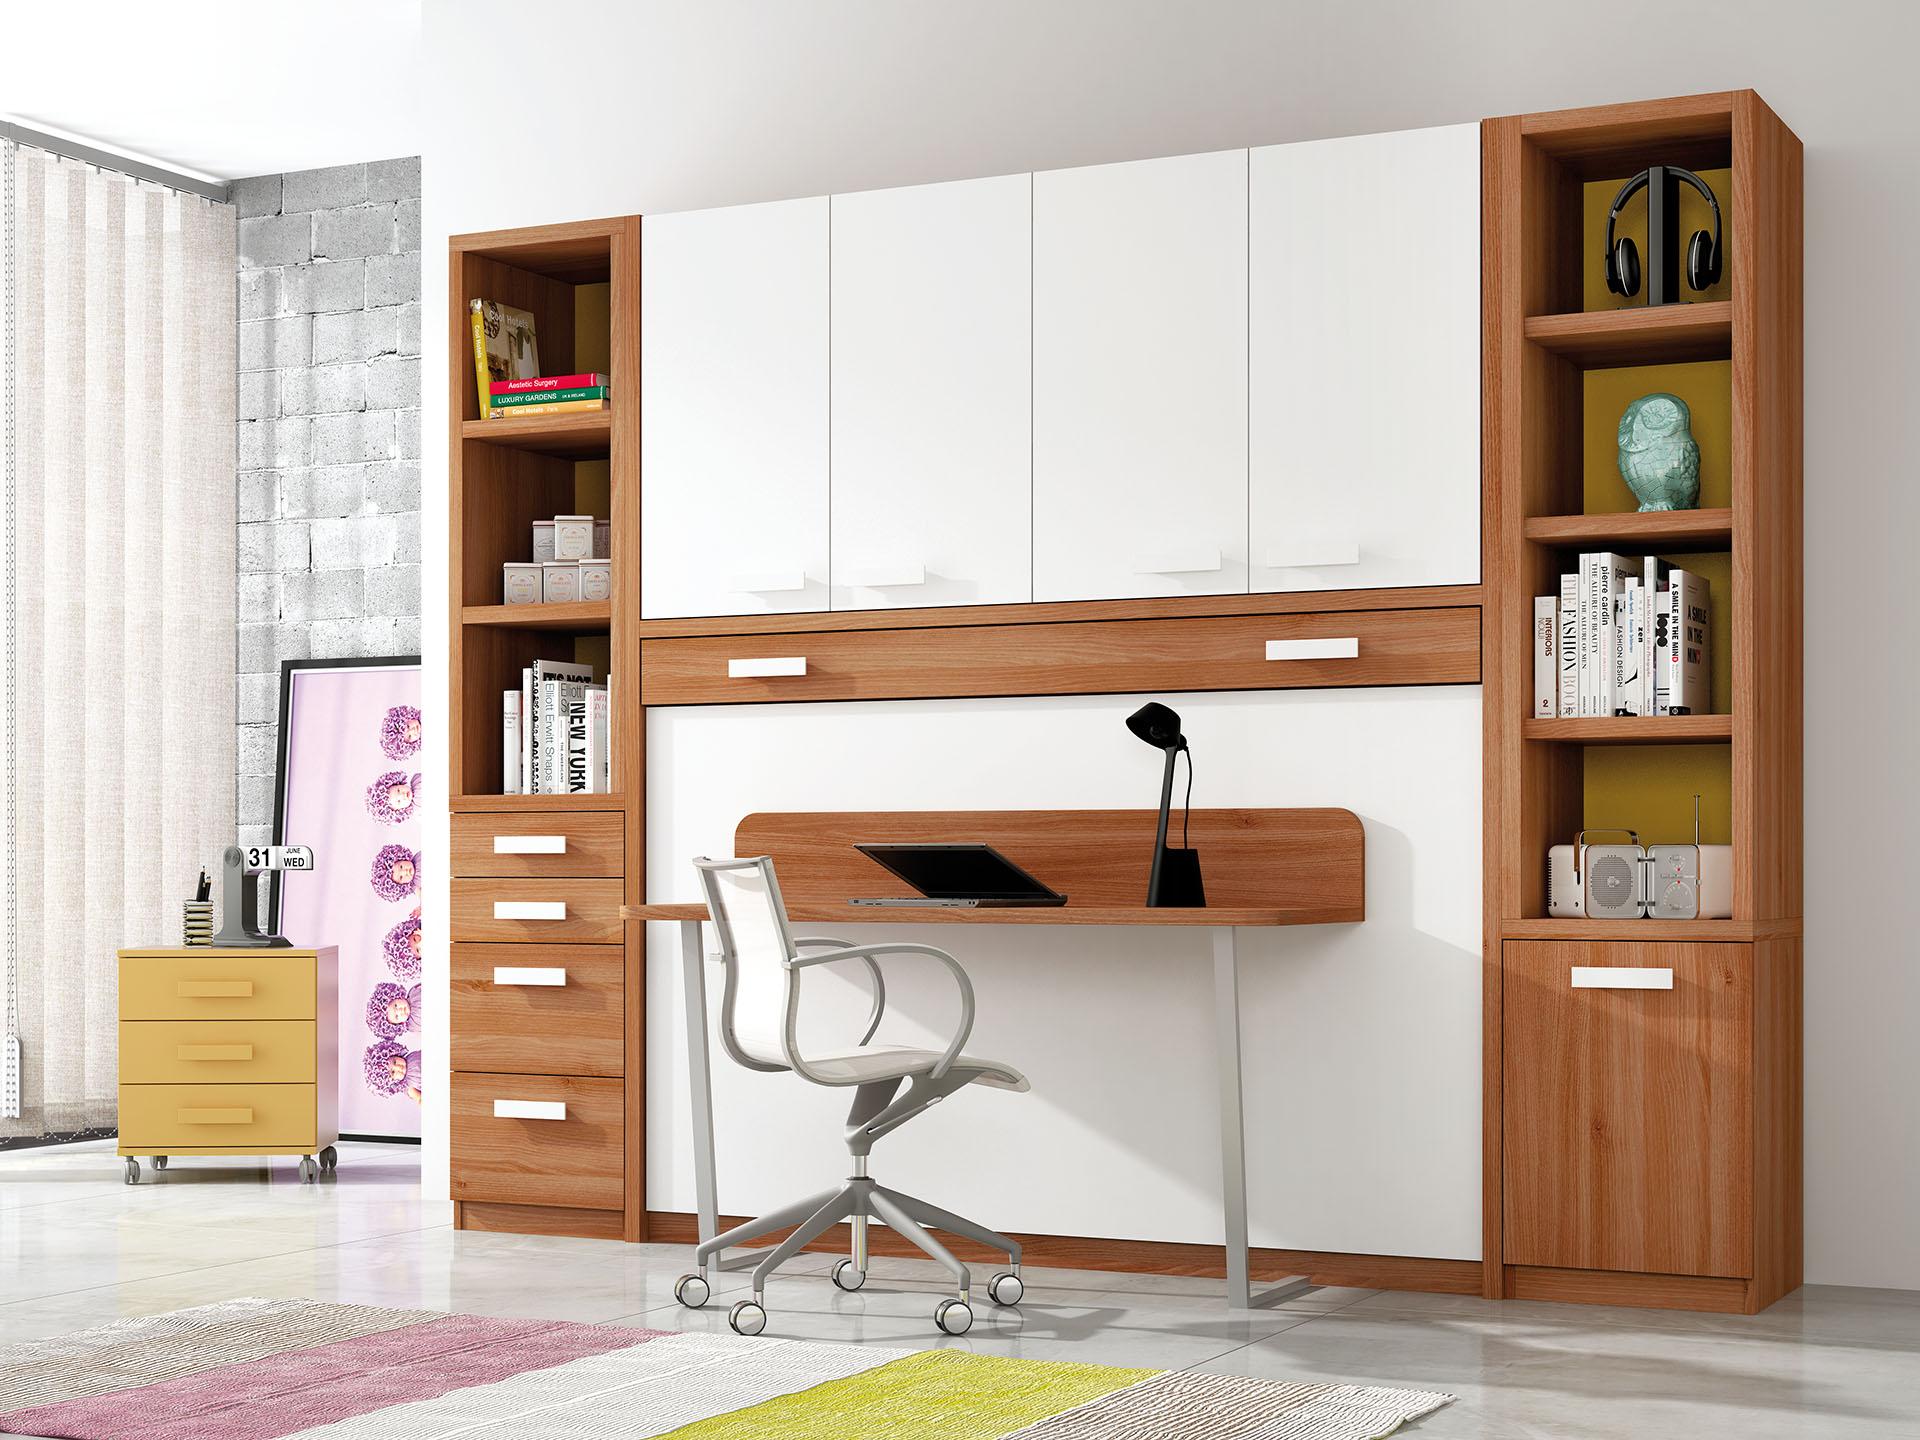 Camas abatibles horizontales con escritorio sof cama - Fabricar cama abatible ...